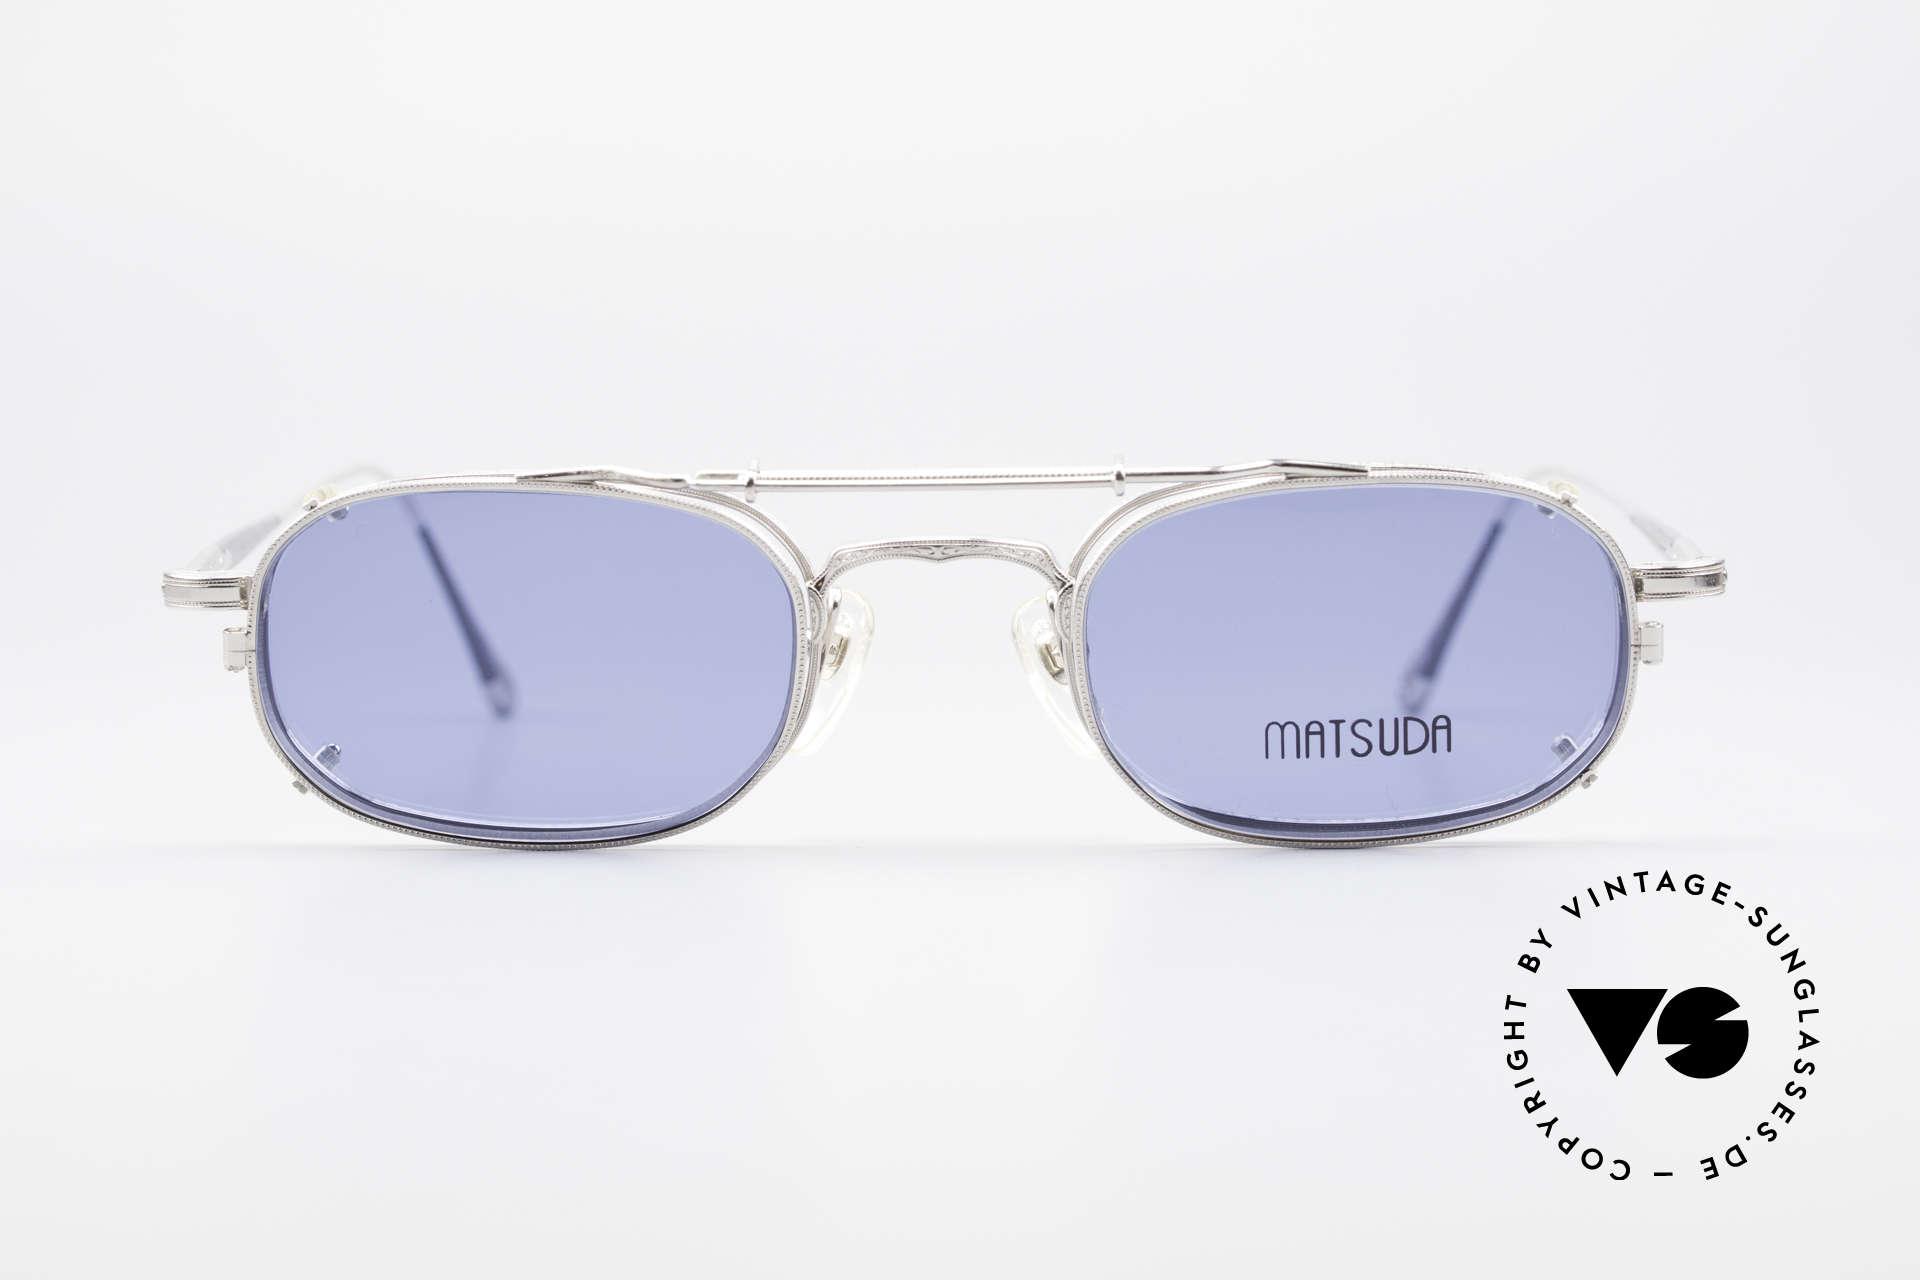 Matsuda 10108 Steampunk Sonnenbrille 90er, 'Steampunk-Sonnenbrille' der jap. 'Design-Manufaktur', Passend für Herren